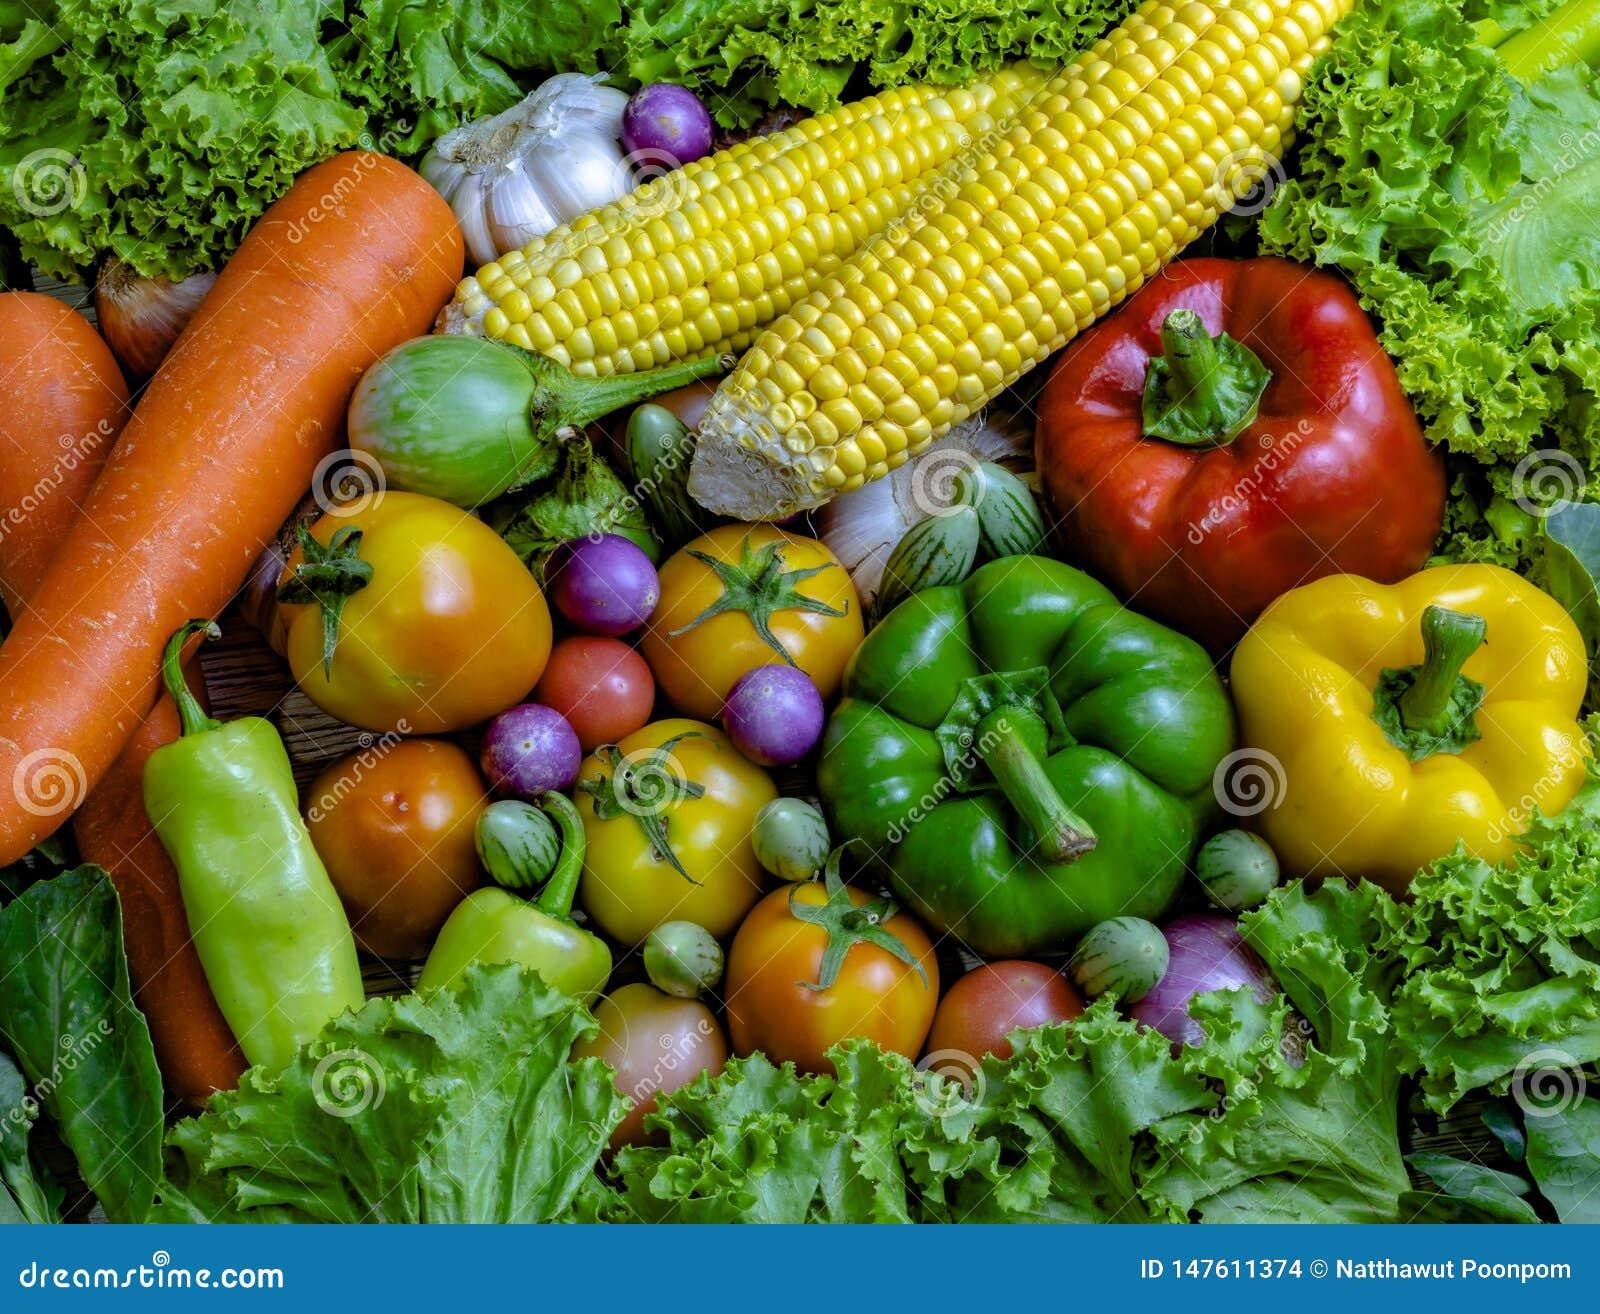 Os vegetais s?o bons para a sa?de